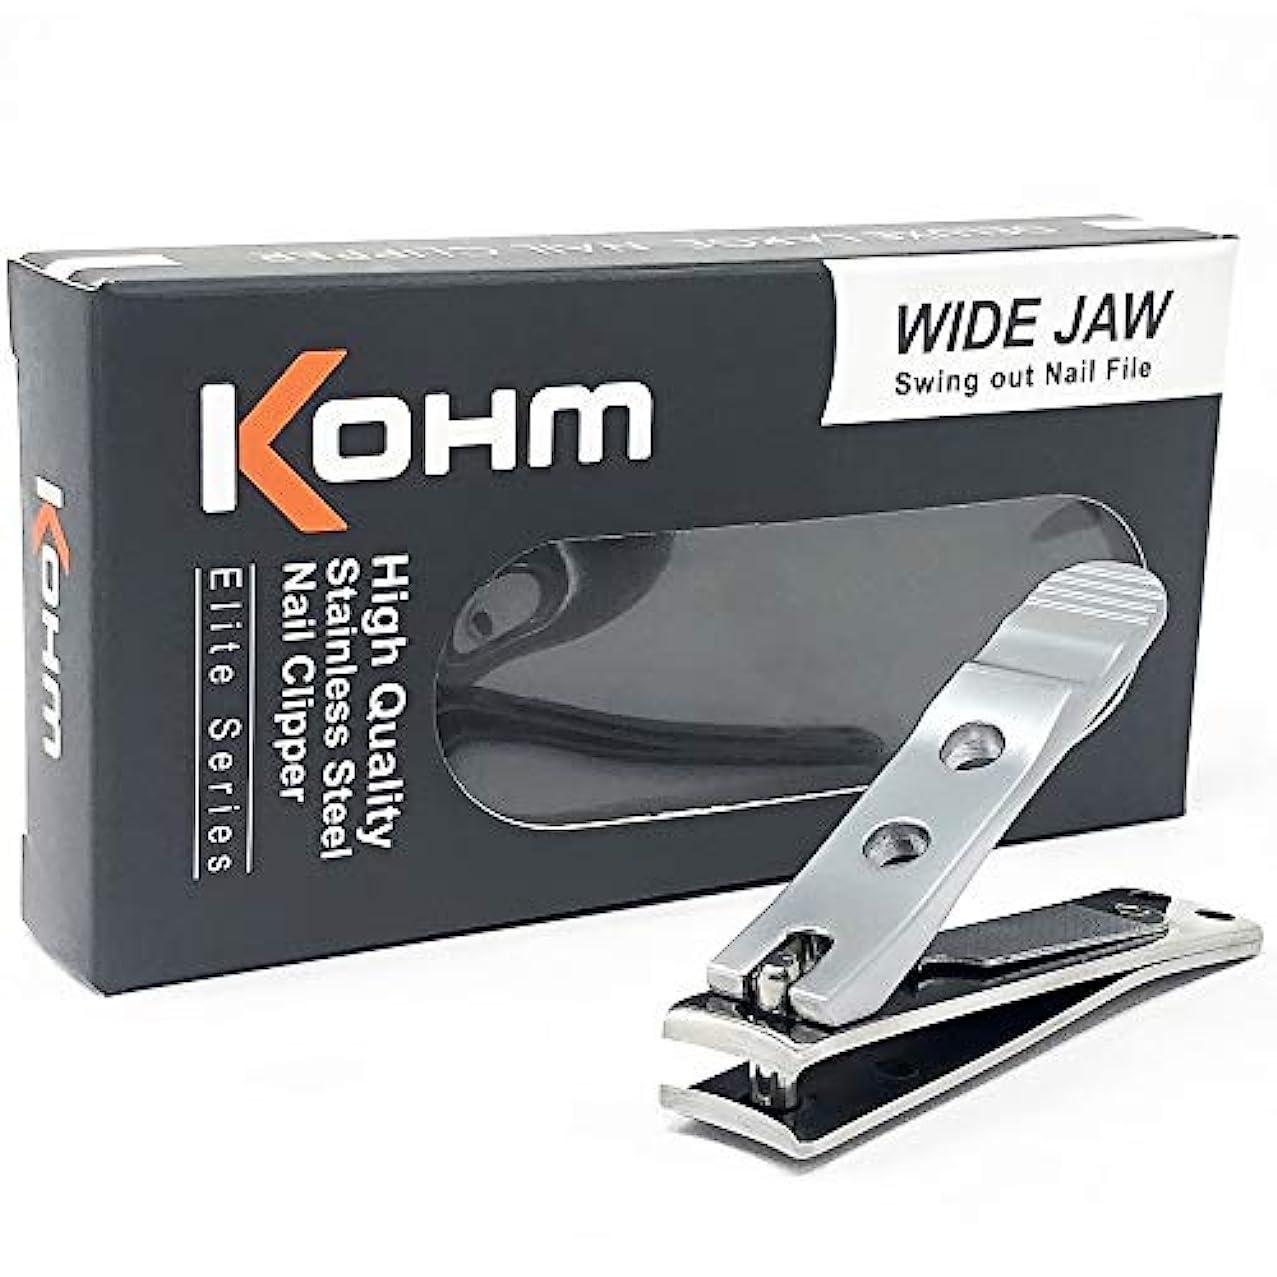 忠実に汚物維持Kohm WHS-440L厚手の爪のための足のつかみ4mmの広い顎、湾曲した刃、釘のファイル、ヘビーデューティ。